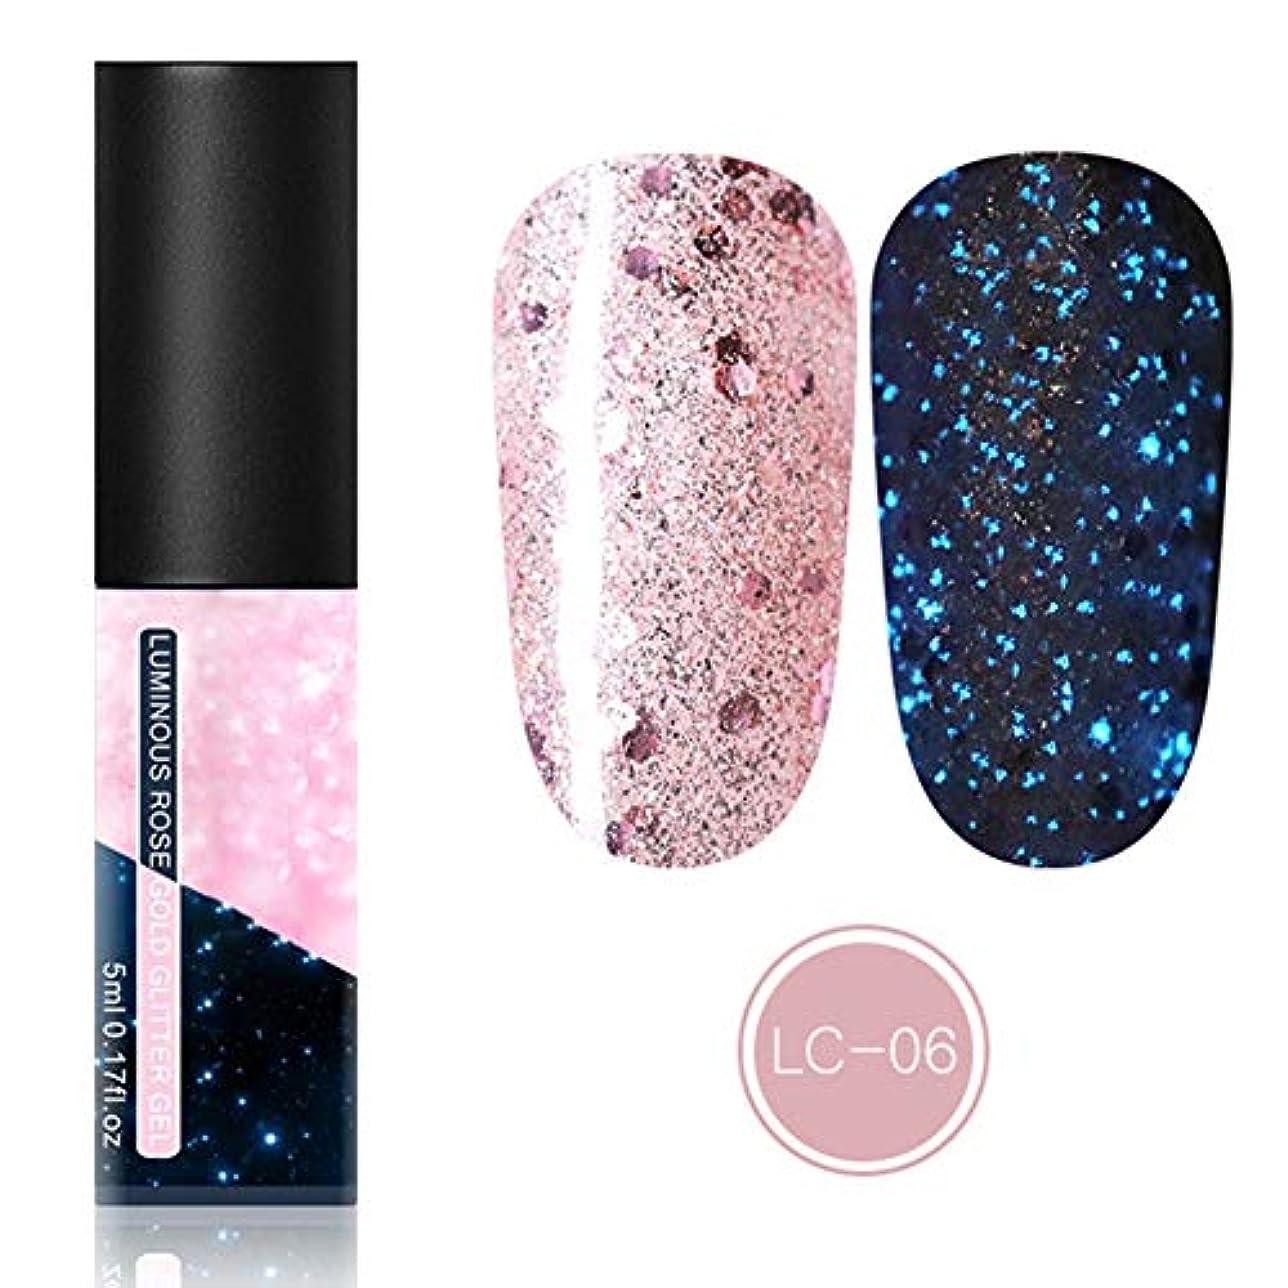 ネコ切り離すデコレーションfeelingood Gel Nail Polish,Fluorescent Gel Nail Polish Glow in Dark Nail Enamel Varnish Gel Manicure Supply